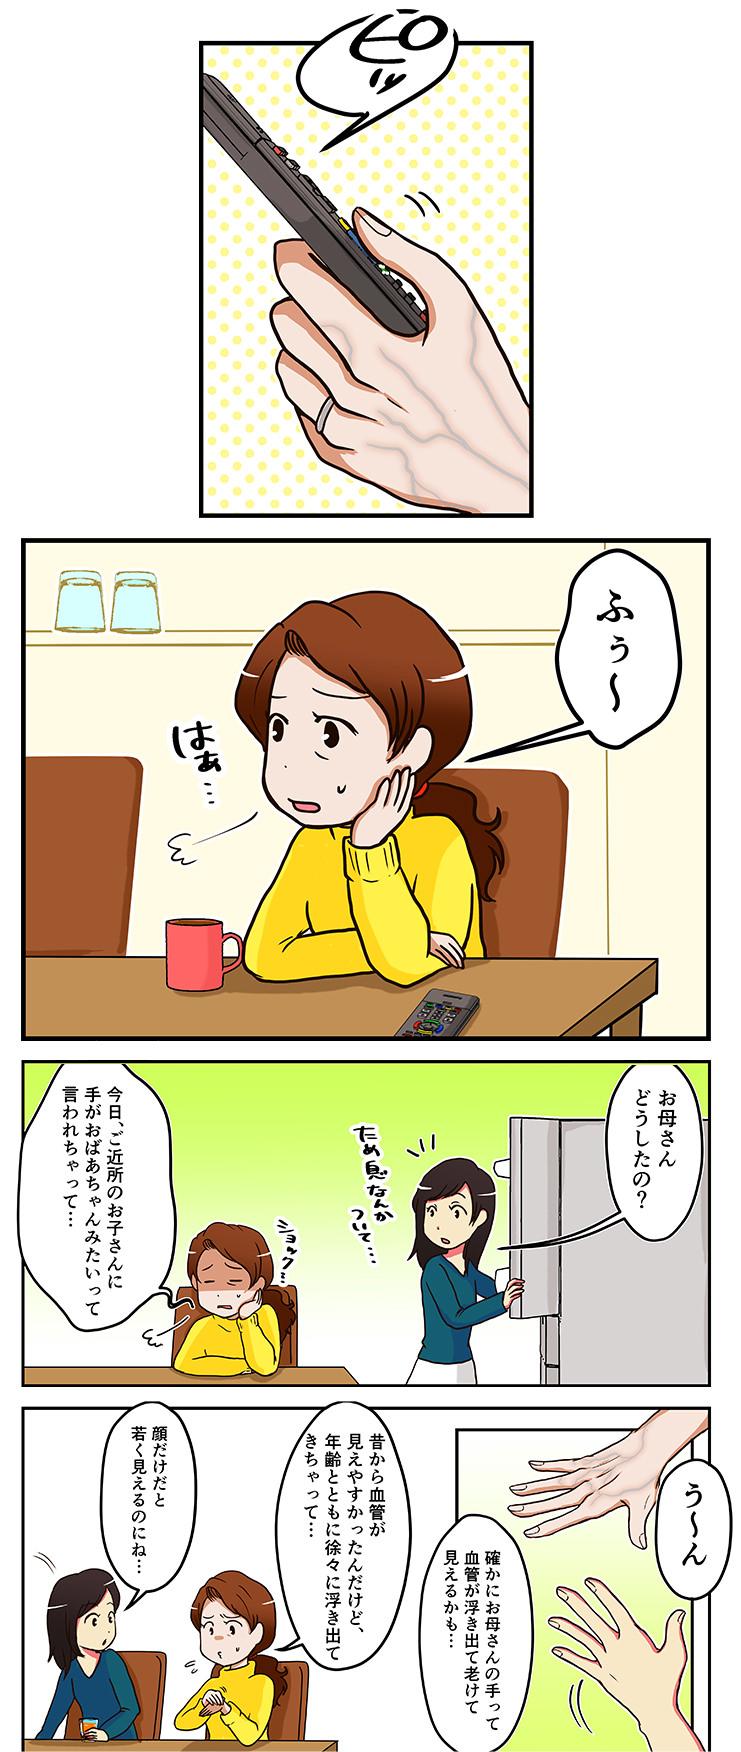 ハンドベイン漫画1(スマホ)